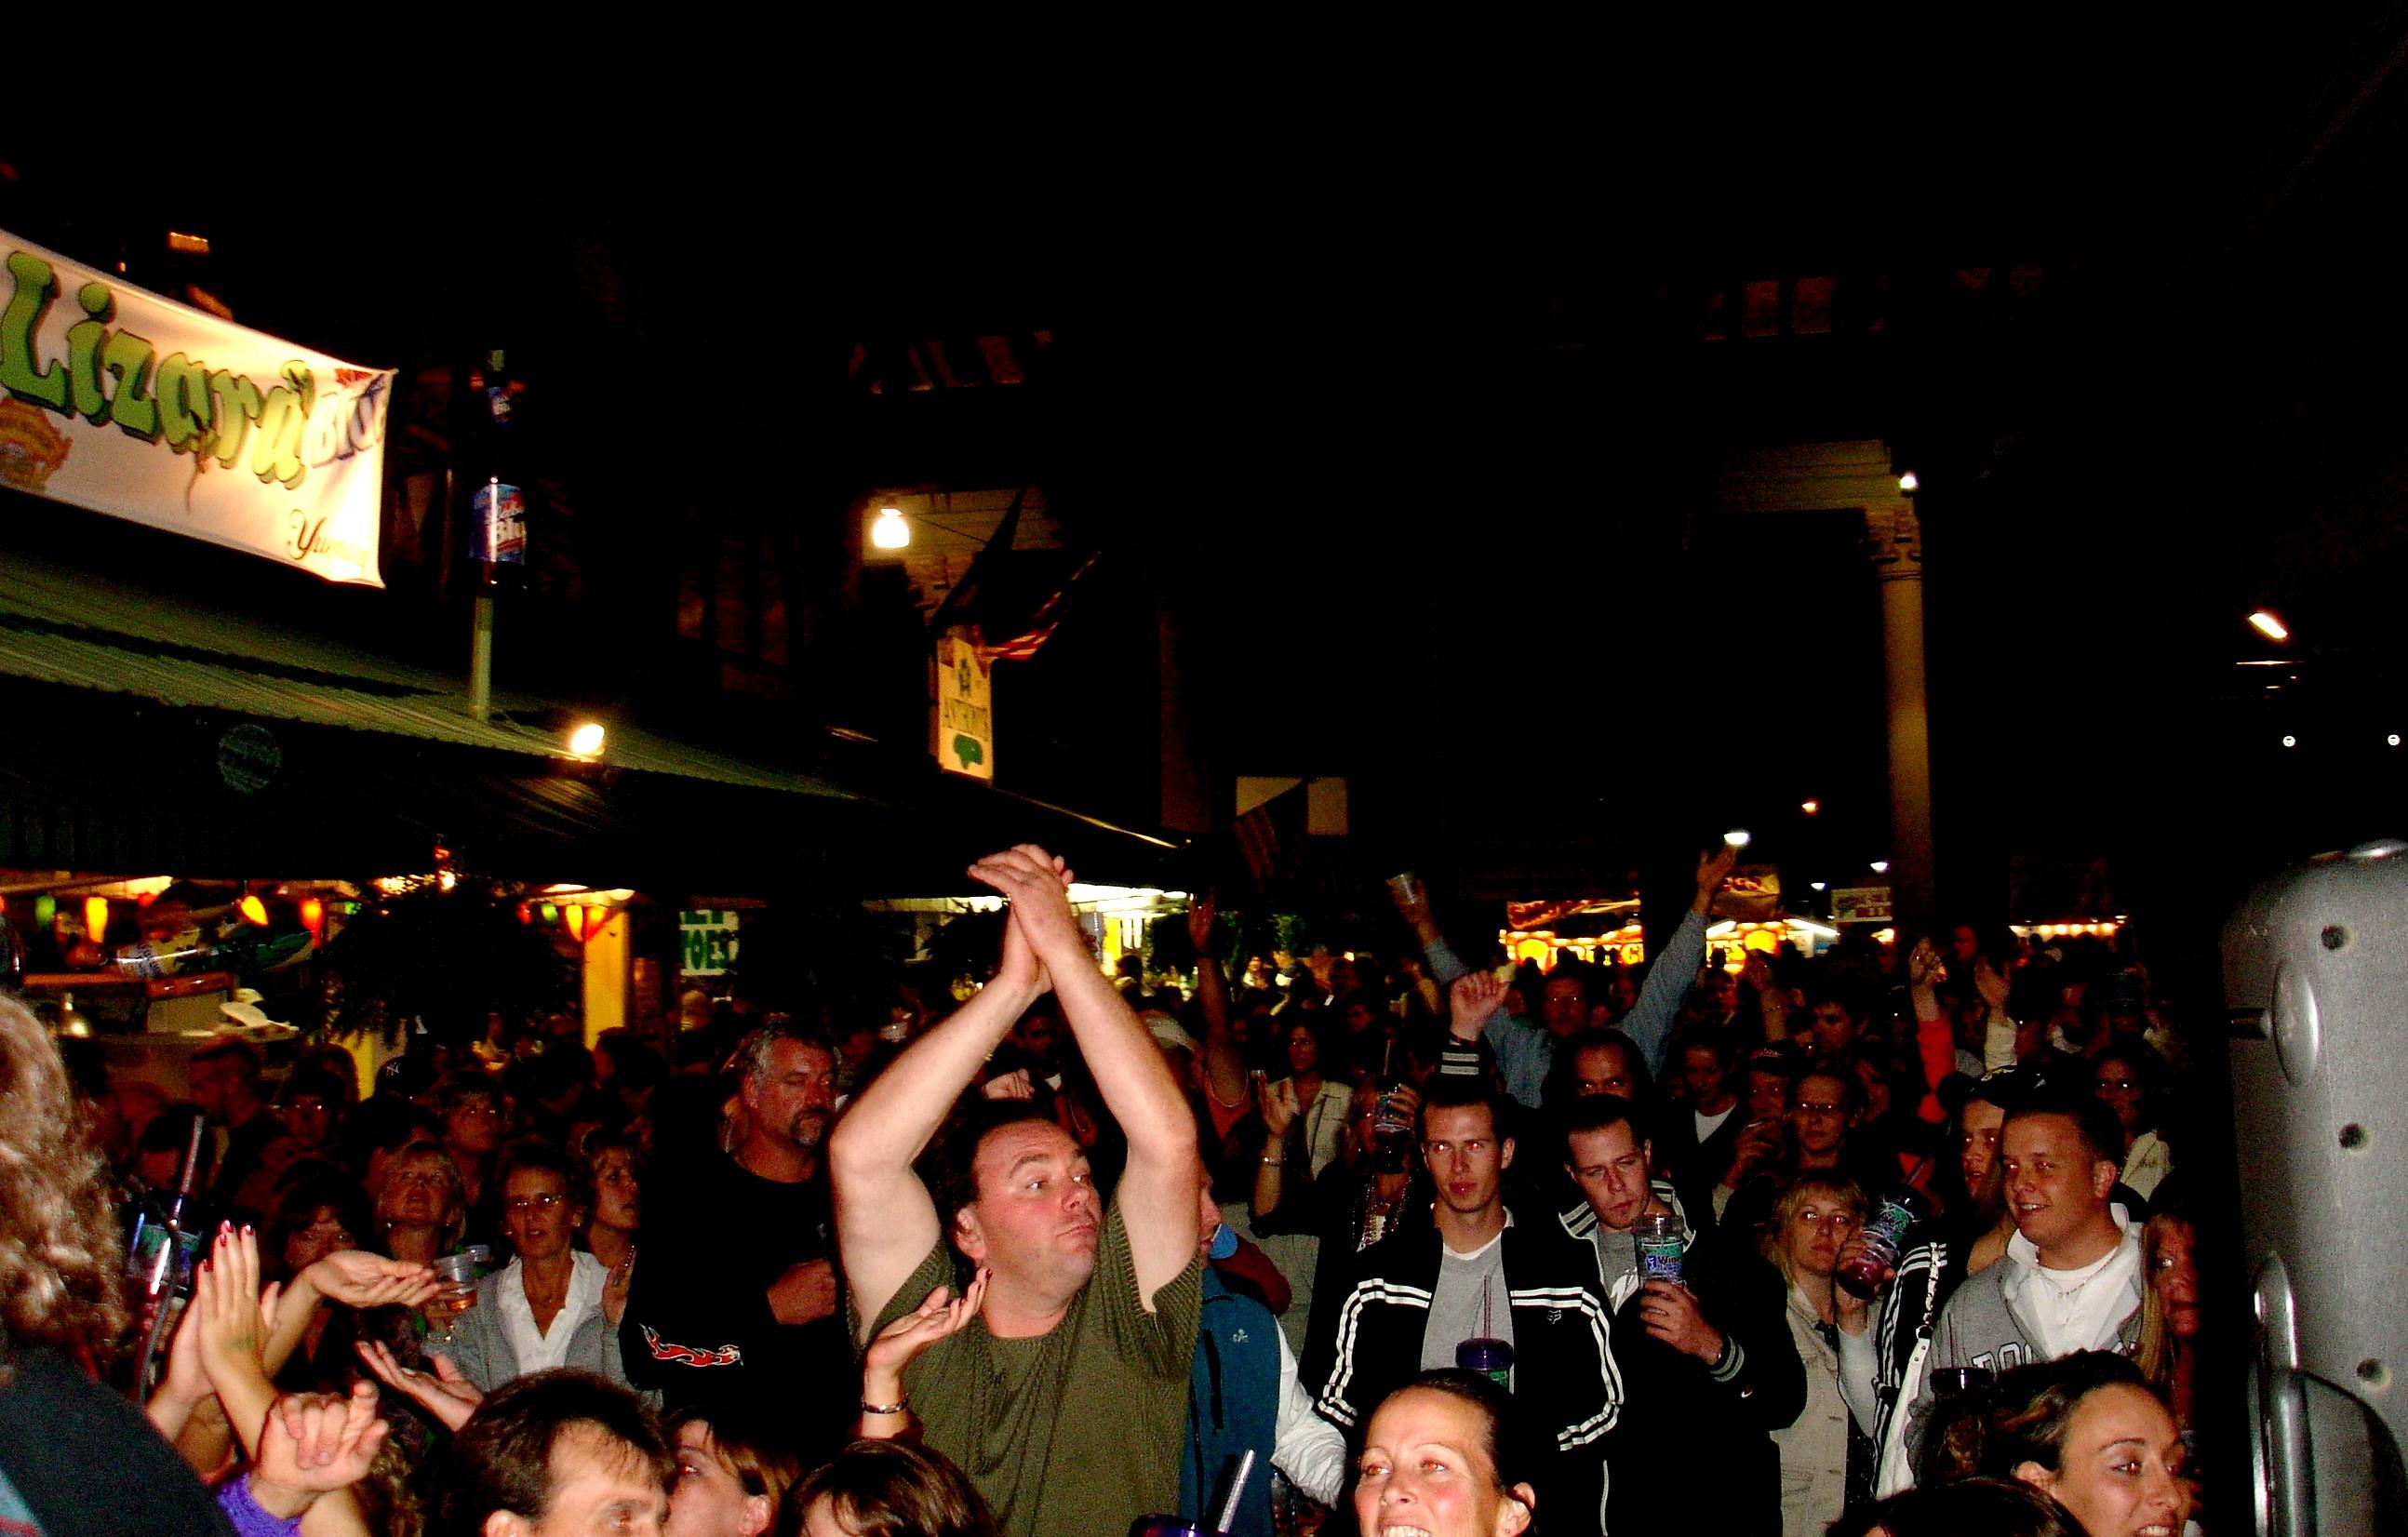 http://www.davehawthorn.com/Fair2006/site/Fair40.jpg